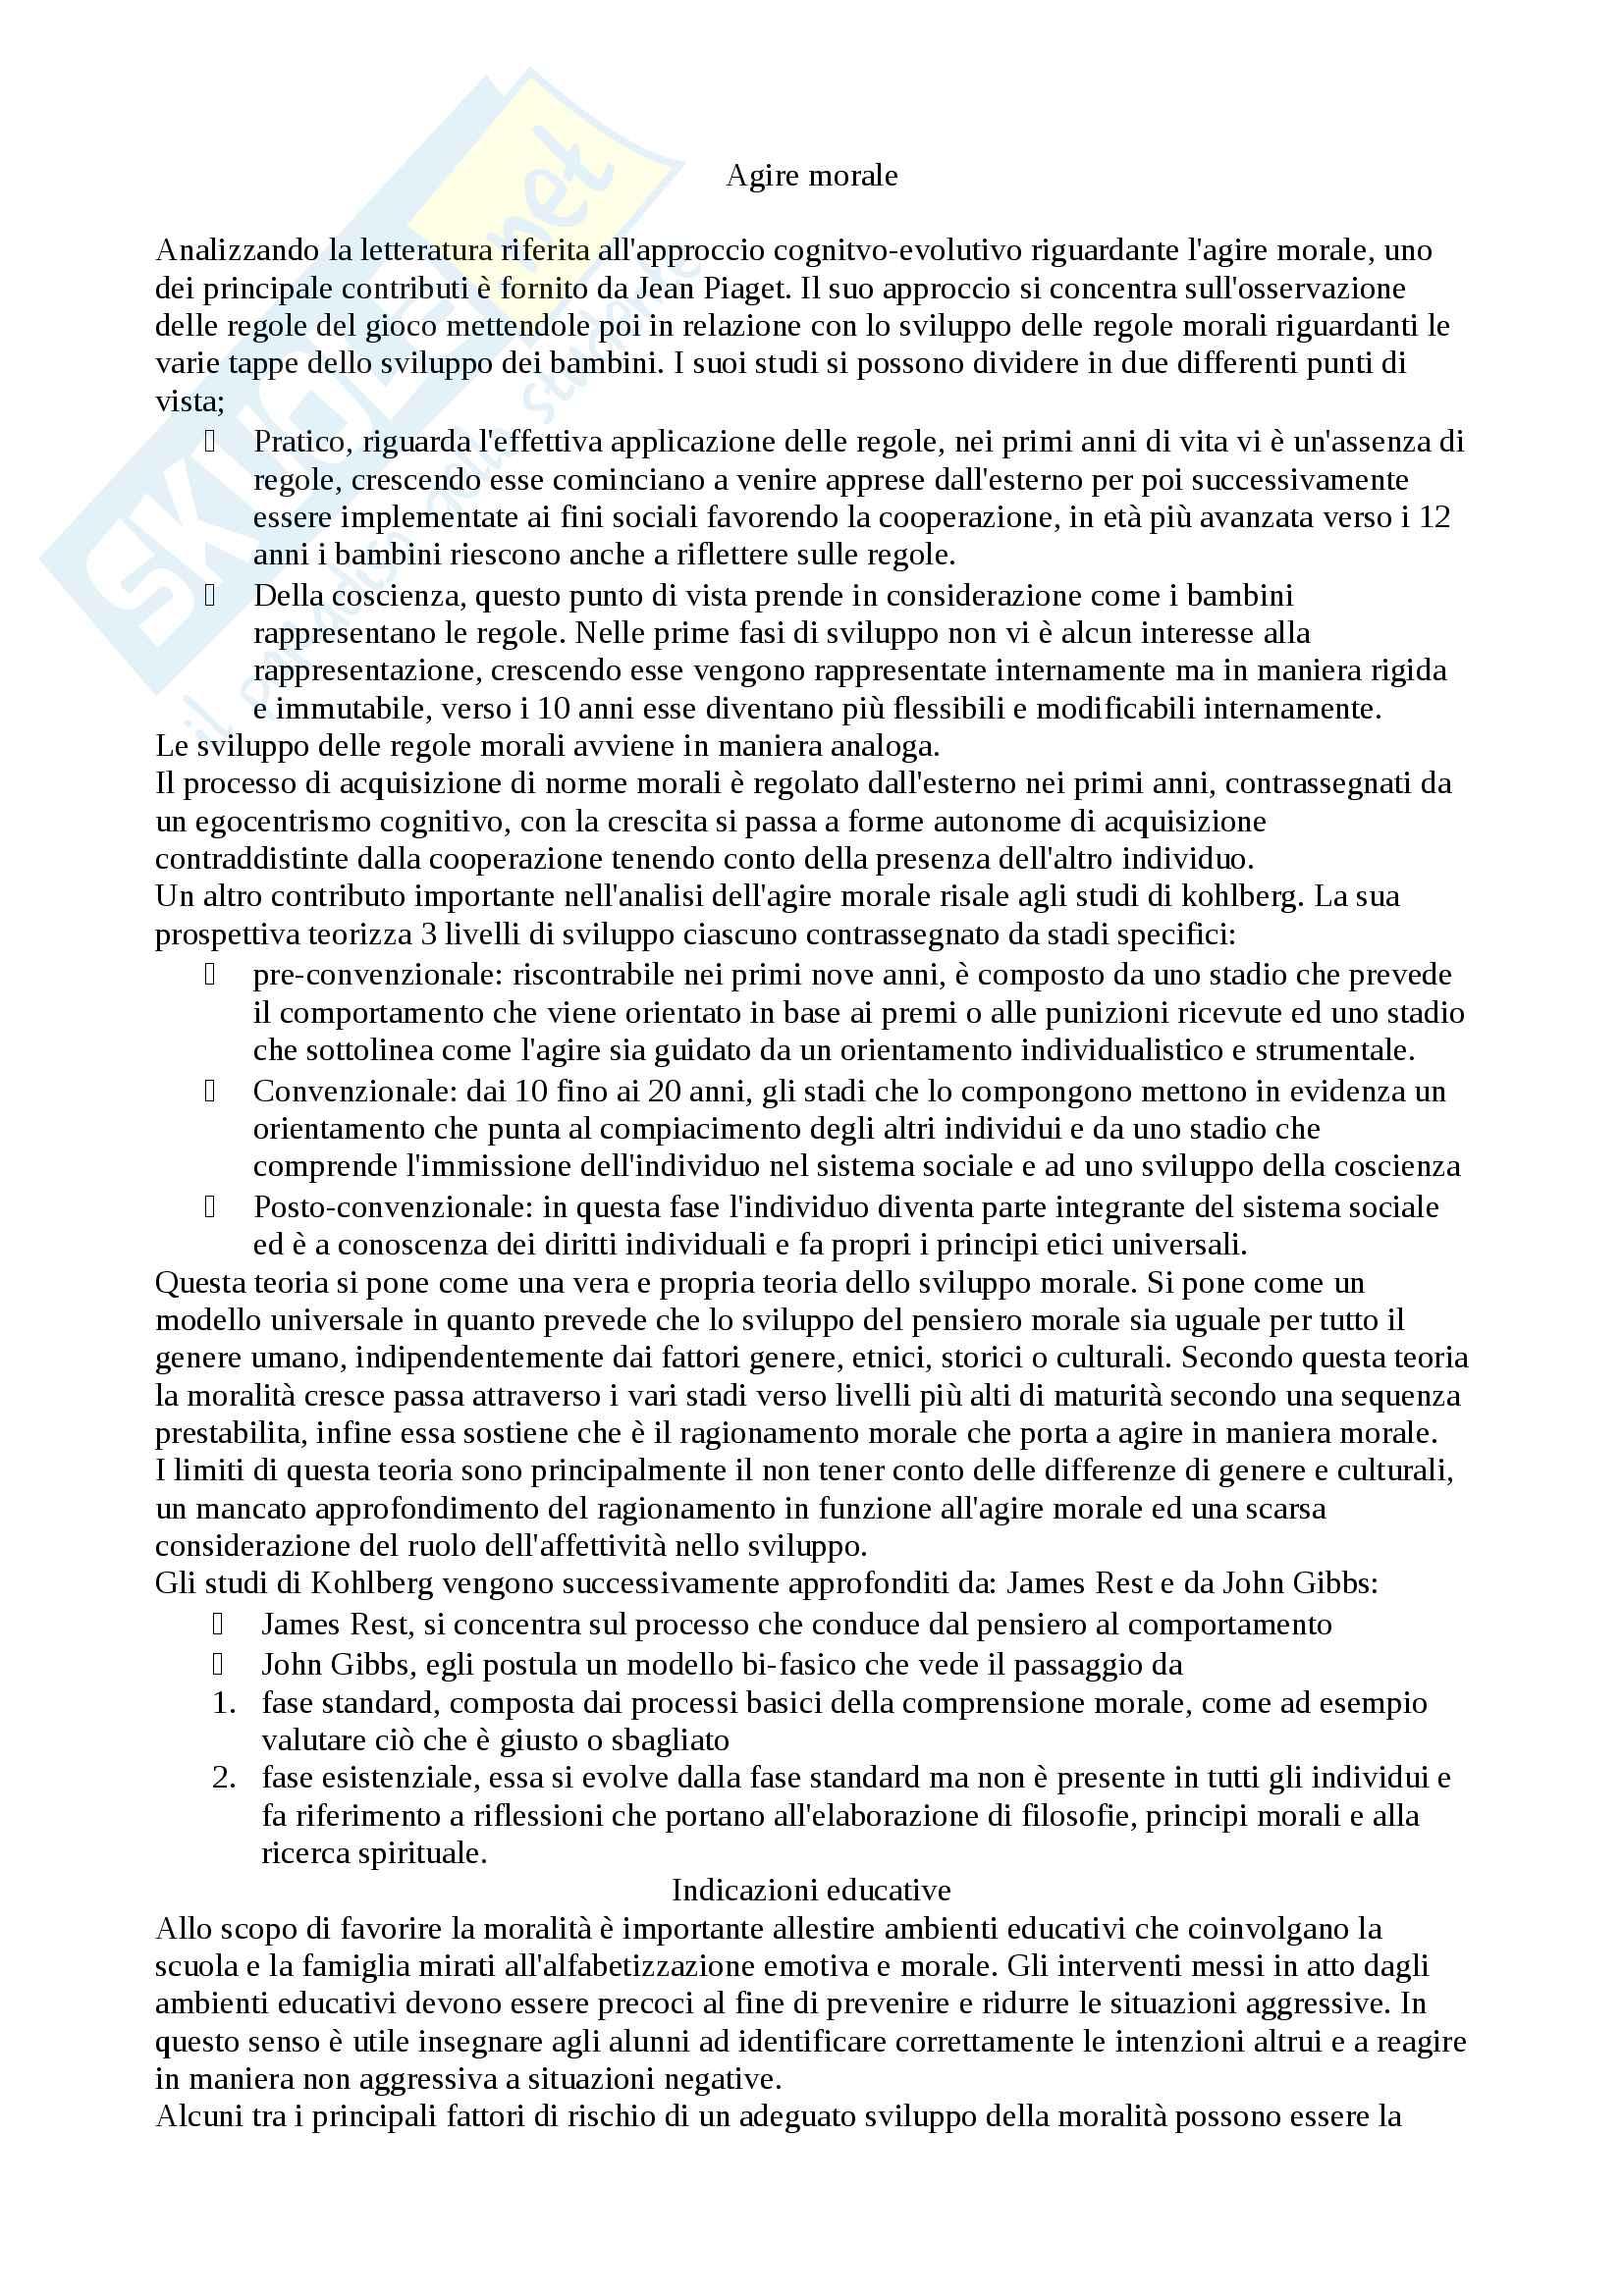 Appunti psicologia dell'educazione e dell'orientamento moduli frequentanti, Docente Maria Assunta Zanetti